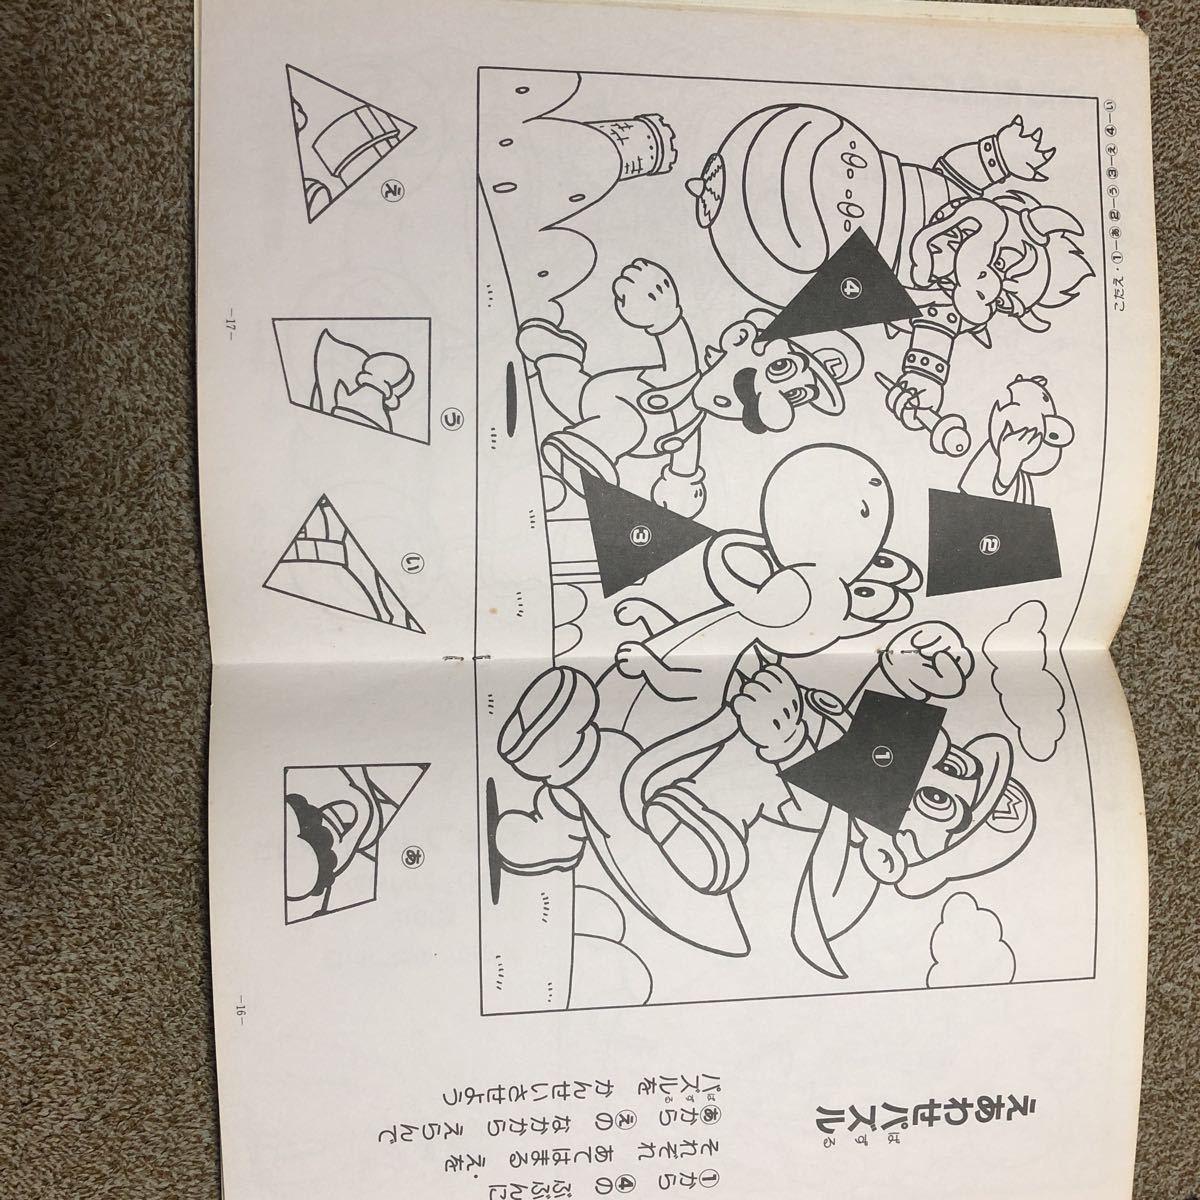 スーパーマリオワールド ショウワノート ぬりえ の落札情報詳細